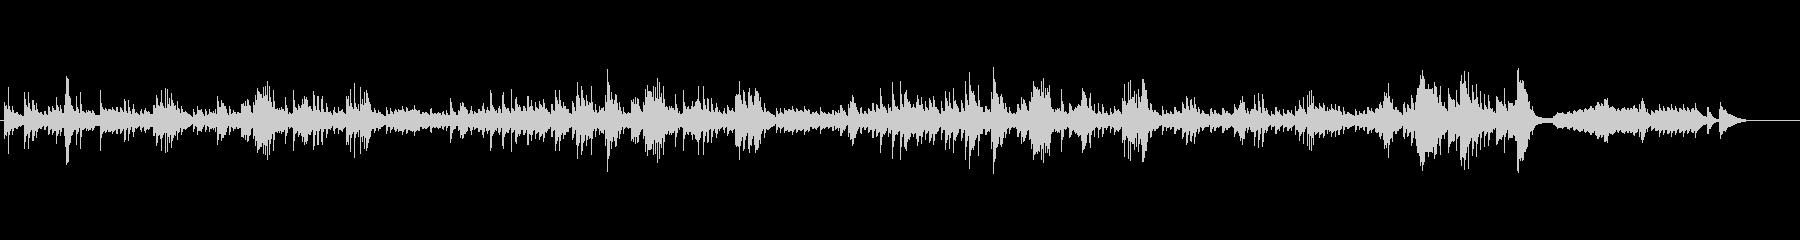 ショパン ノクターン クラシックギターの未再生の波形